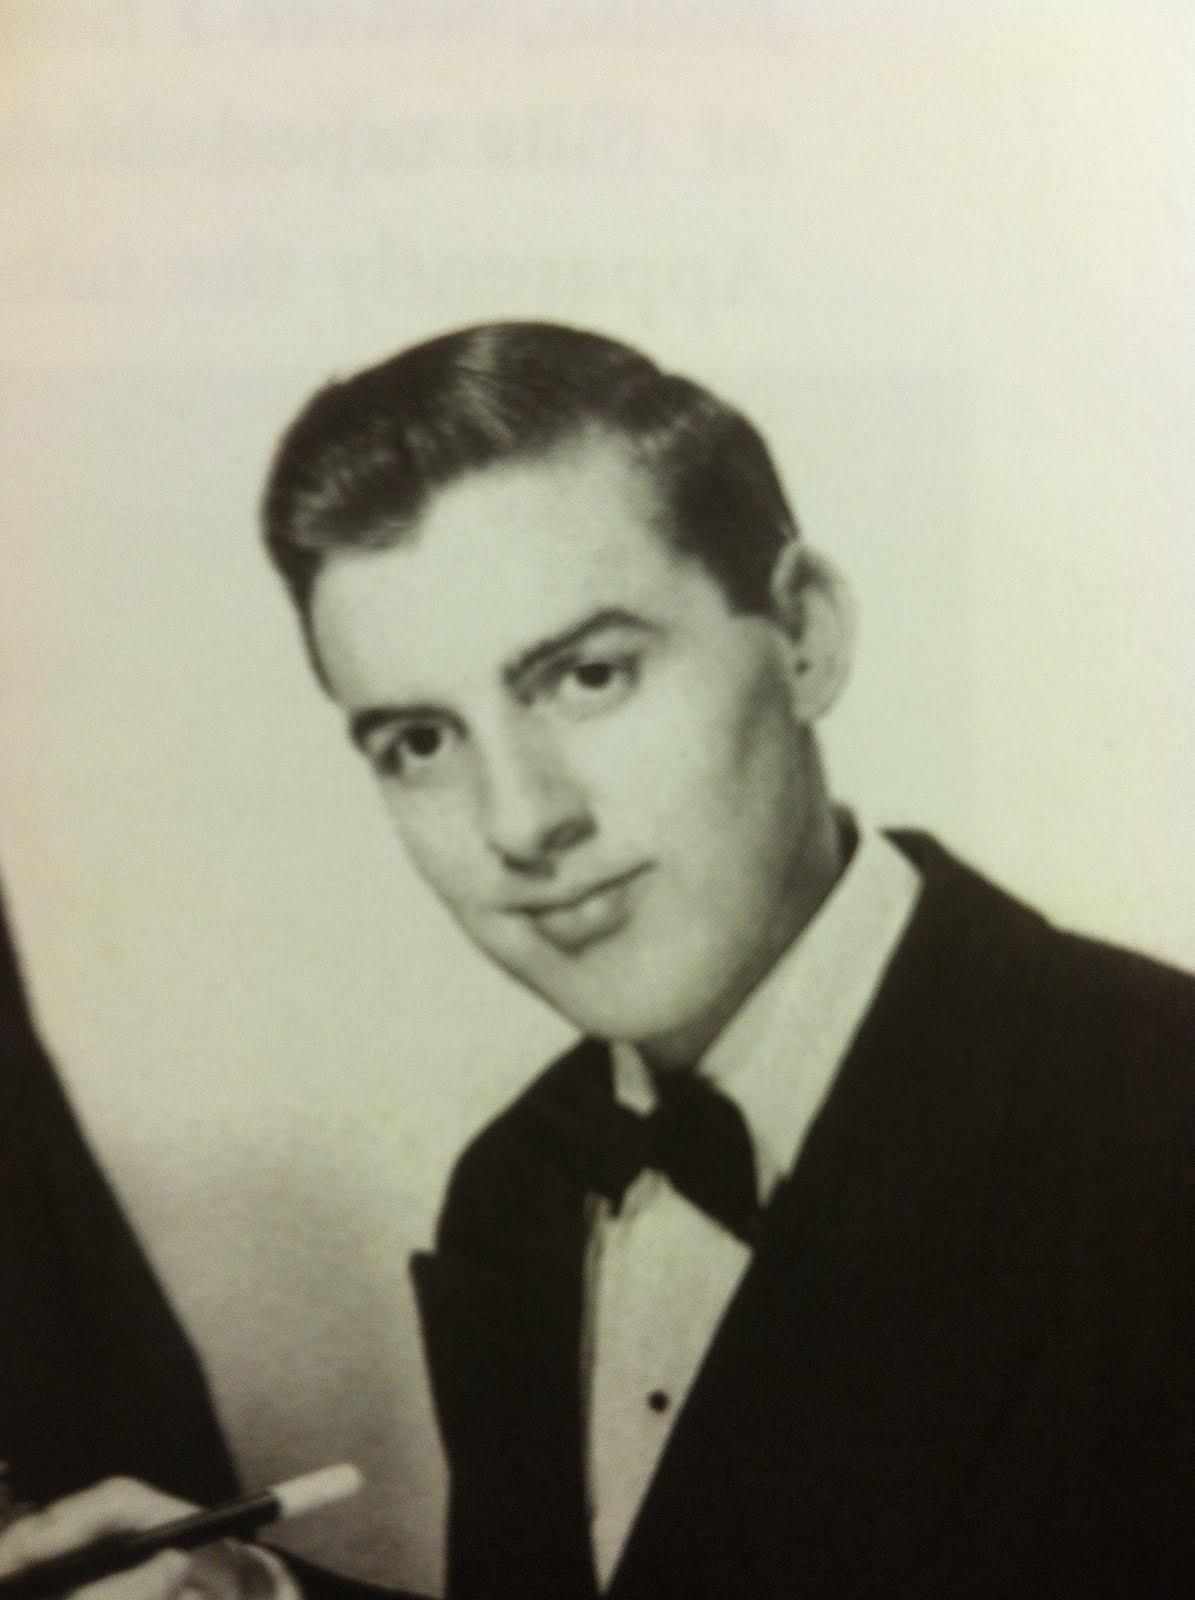 McCARL ROBERTS